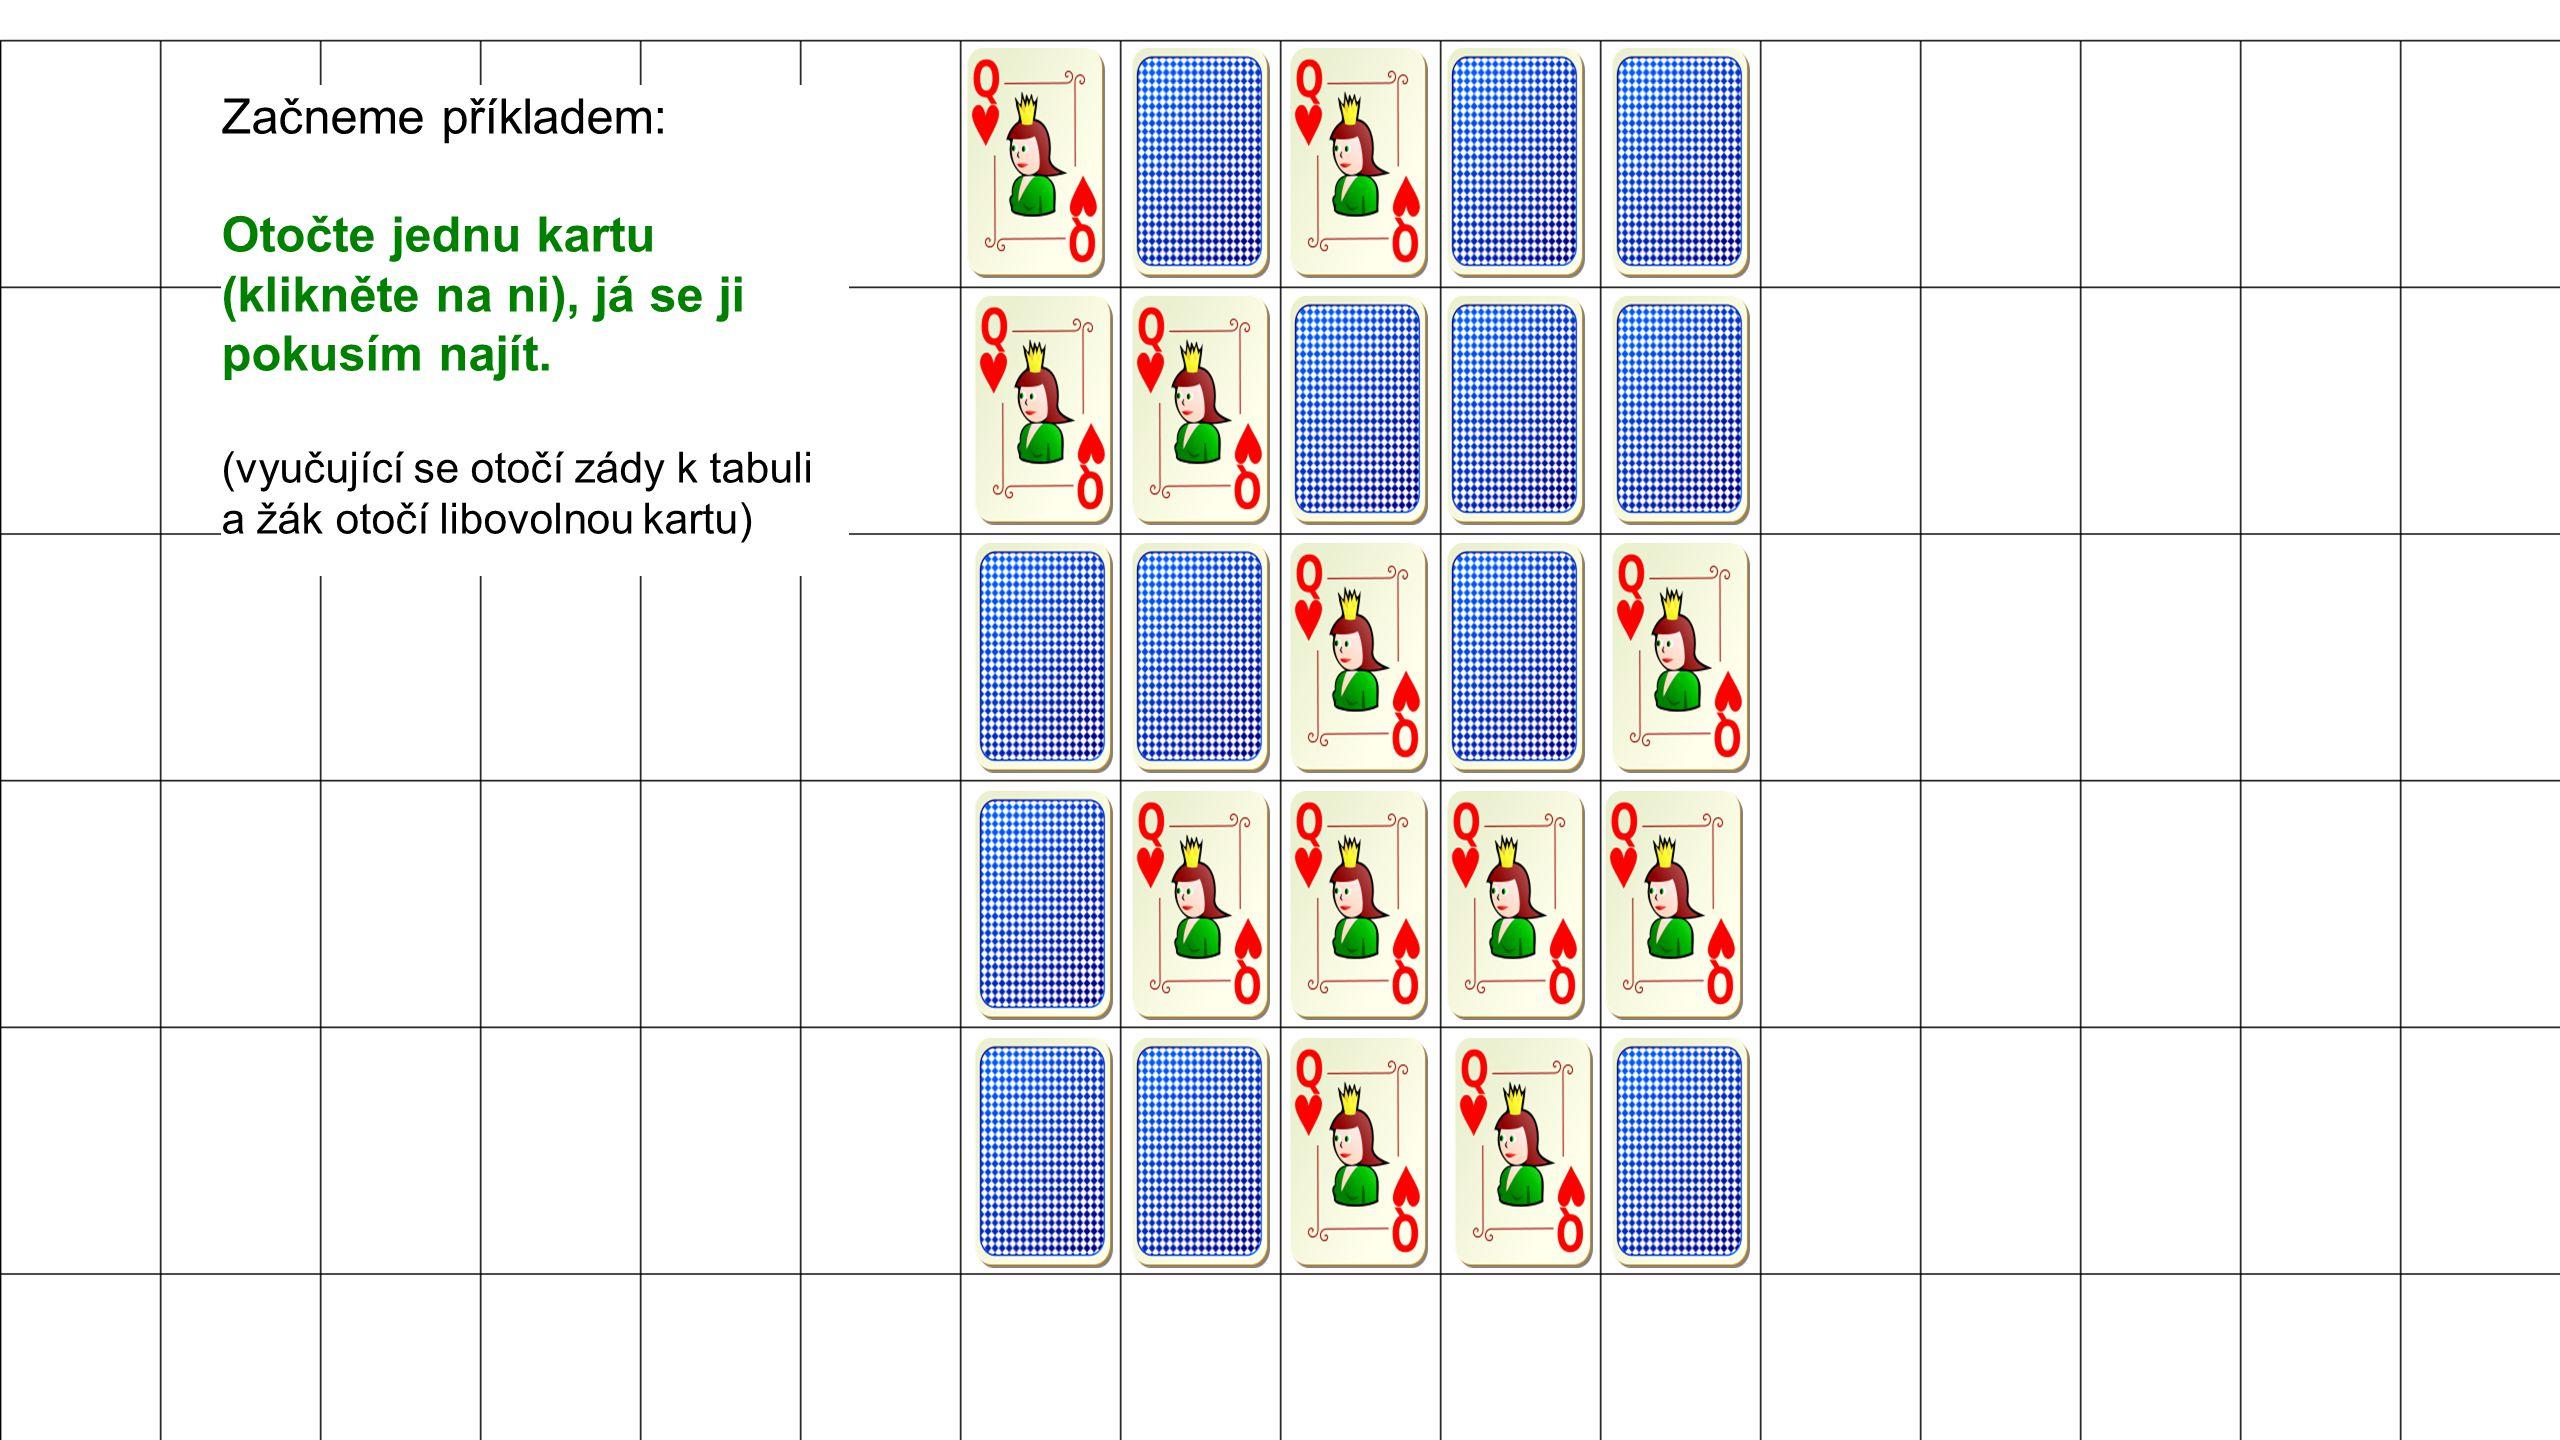 Začneme příkladem: Otočte jednu kartu (klikněte na ni), já se ji pokusím najít.